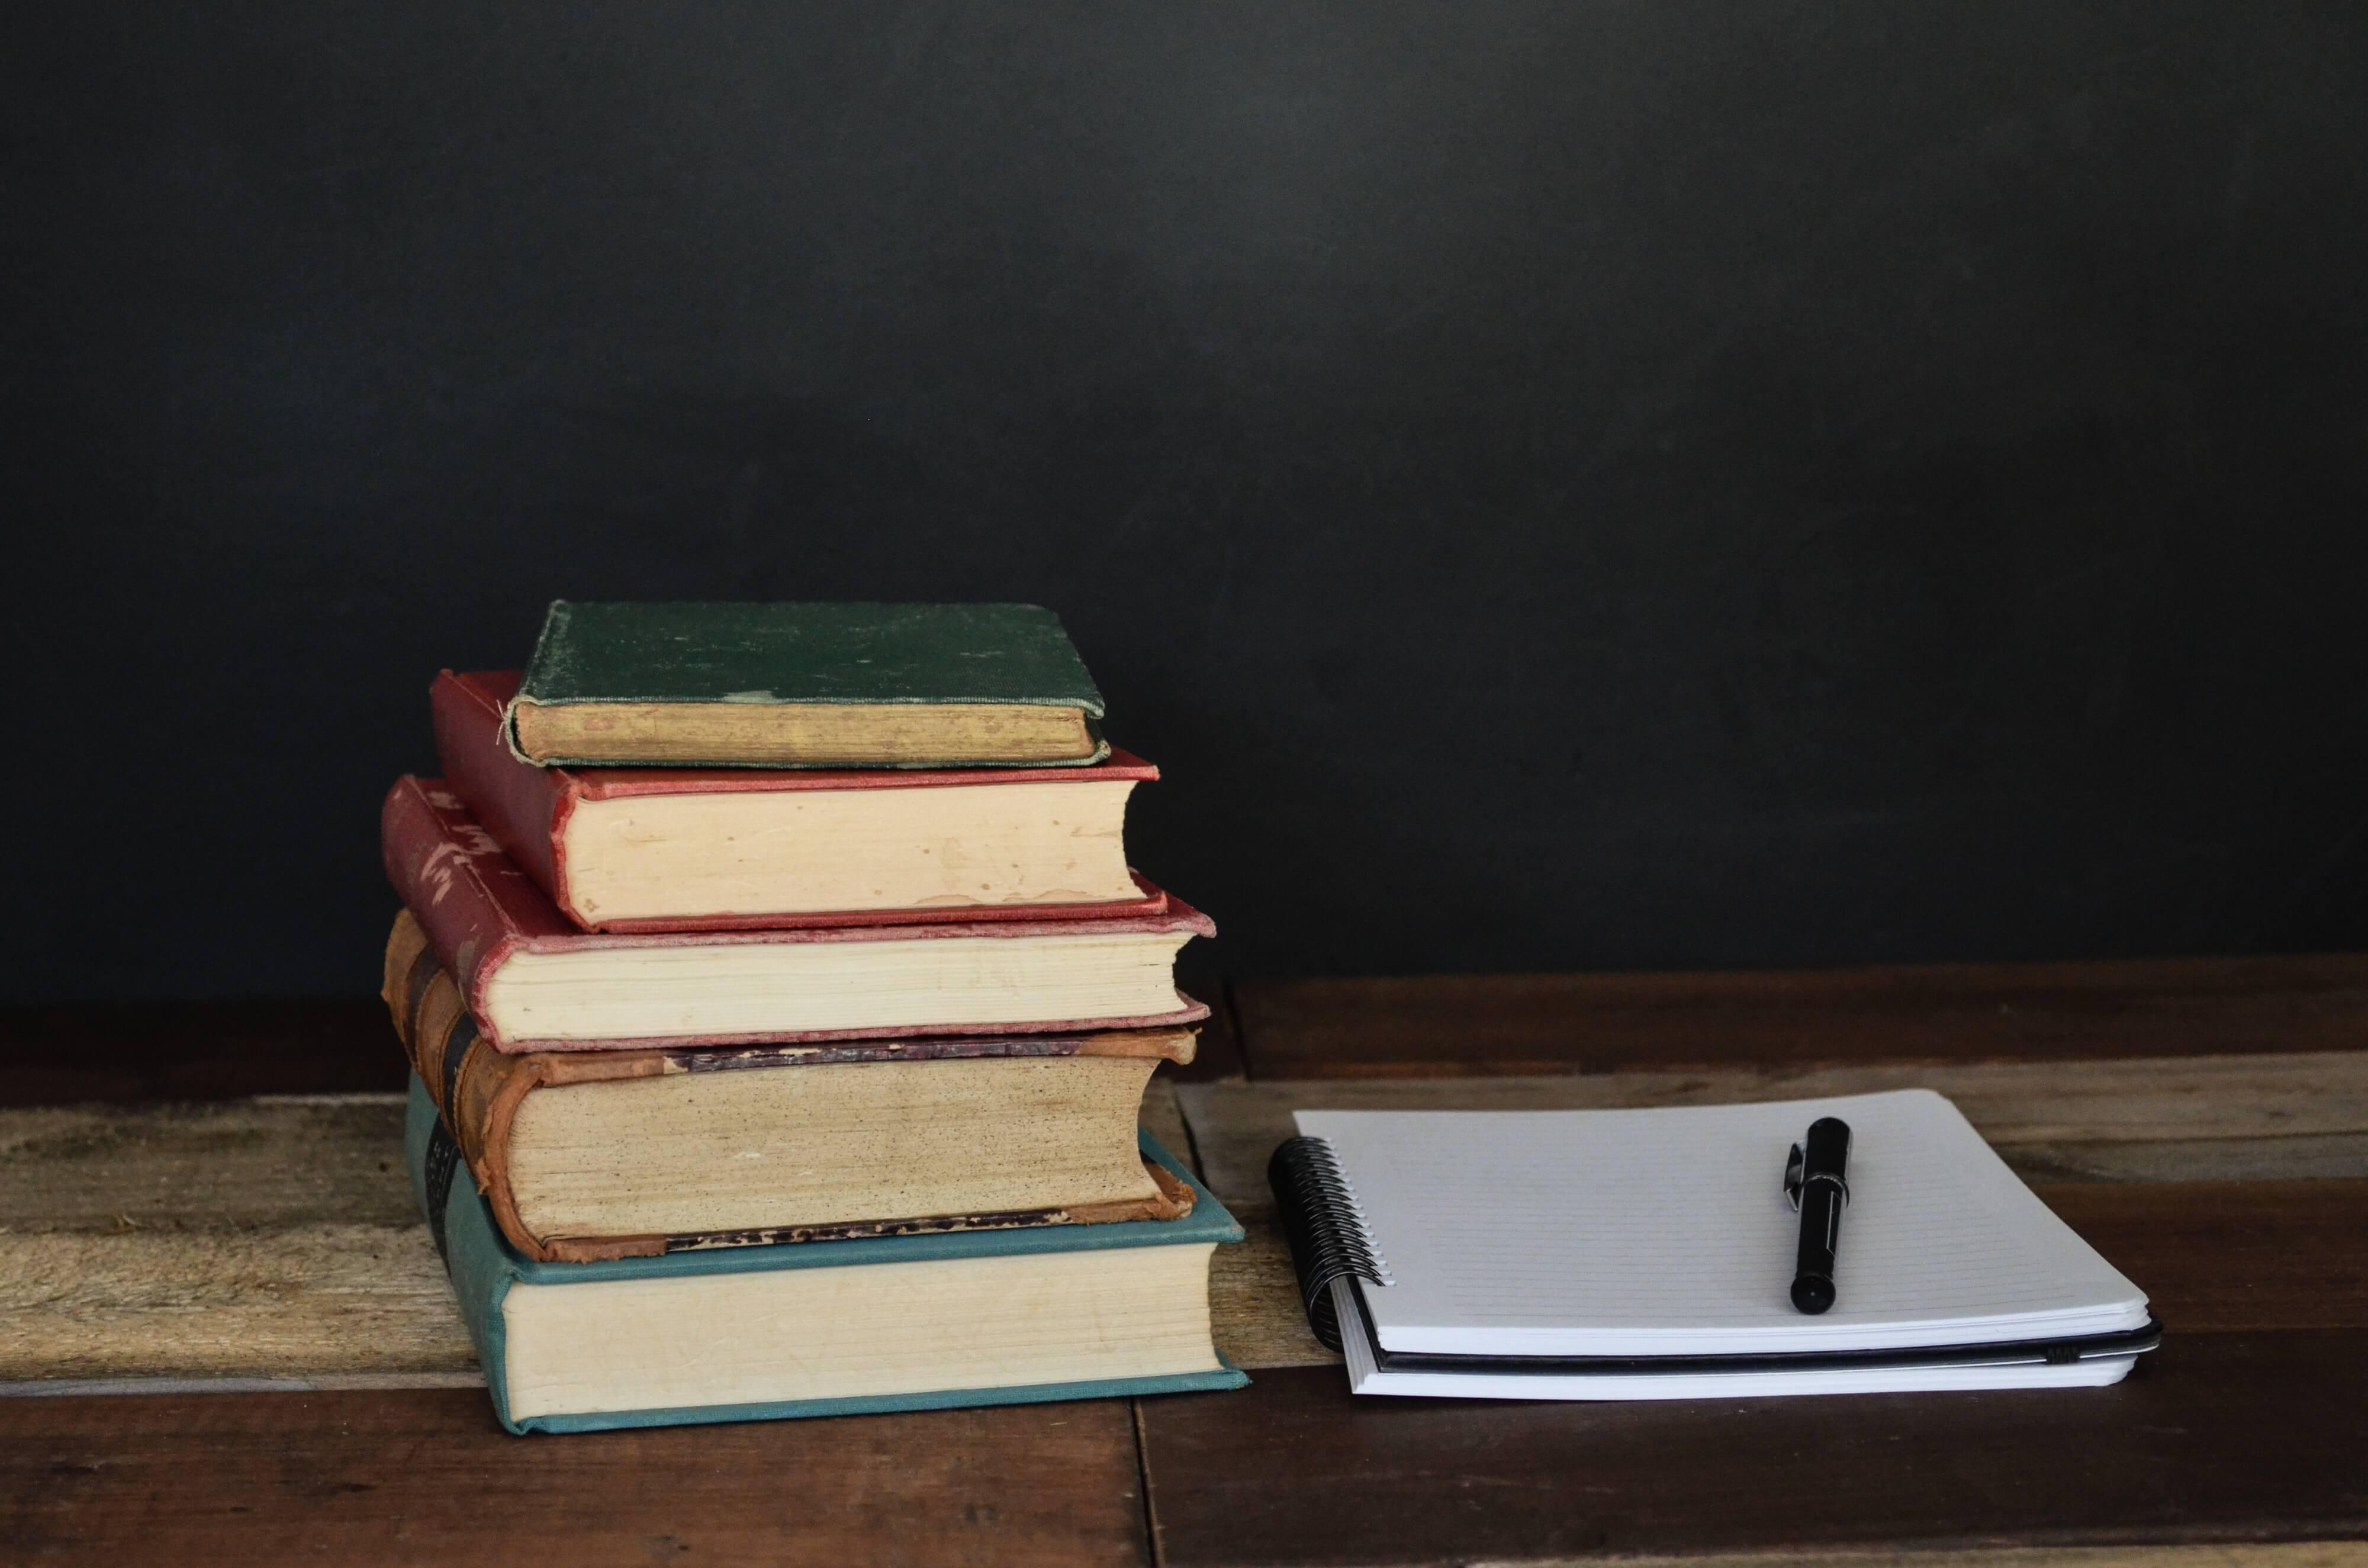 pilha de livros à esquerda e, à direita, caderno com caneta em cima